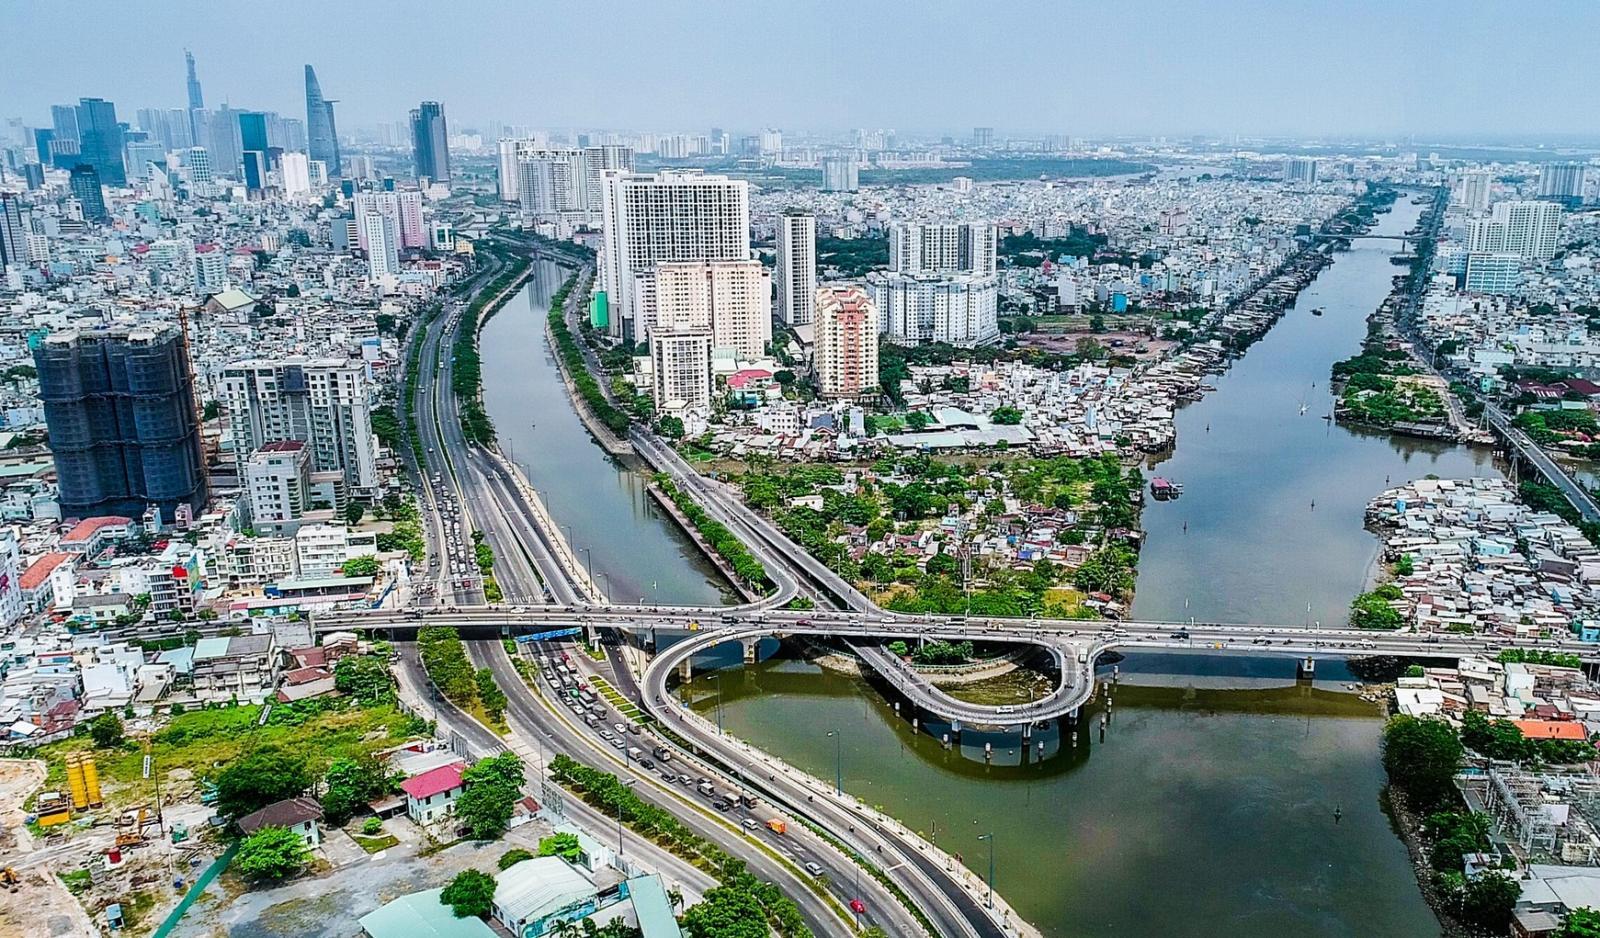 Quận 4 Thành phố Hồ Chí Minh từ trên cao